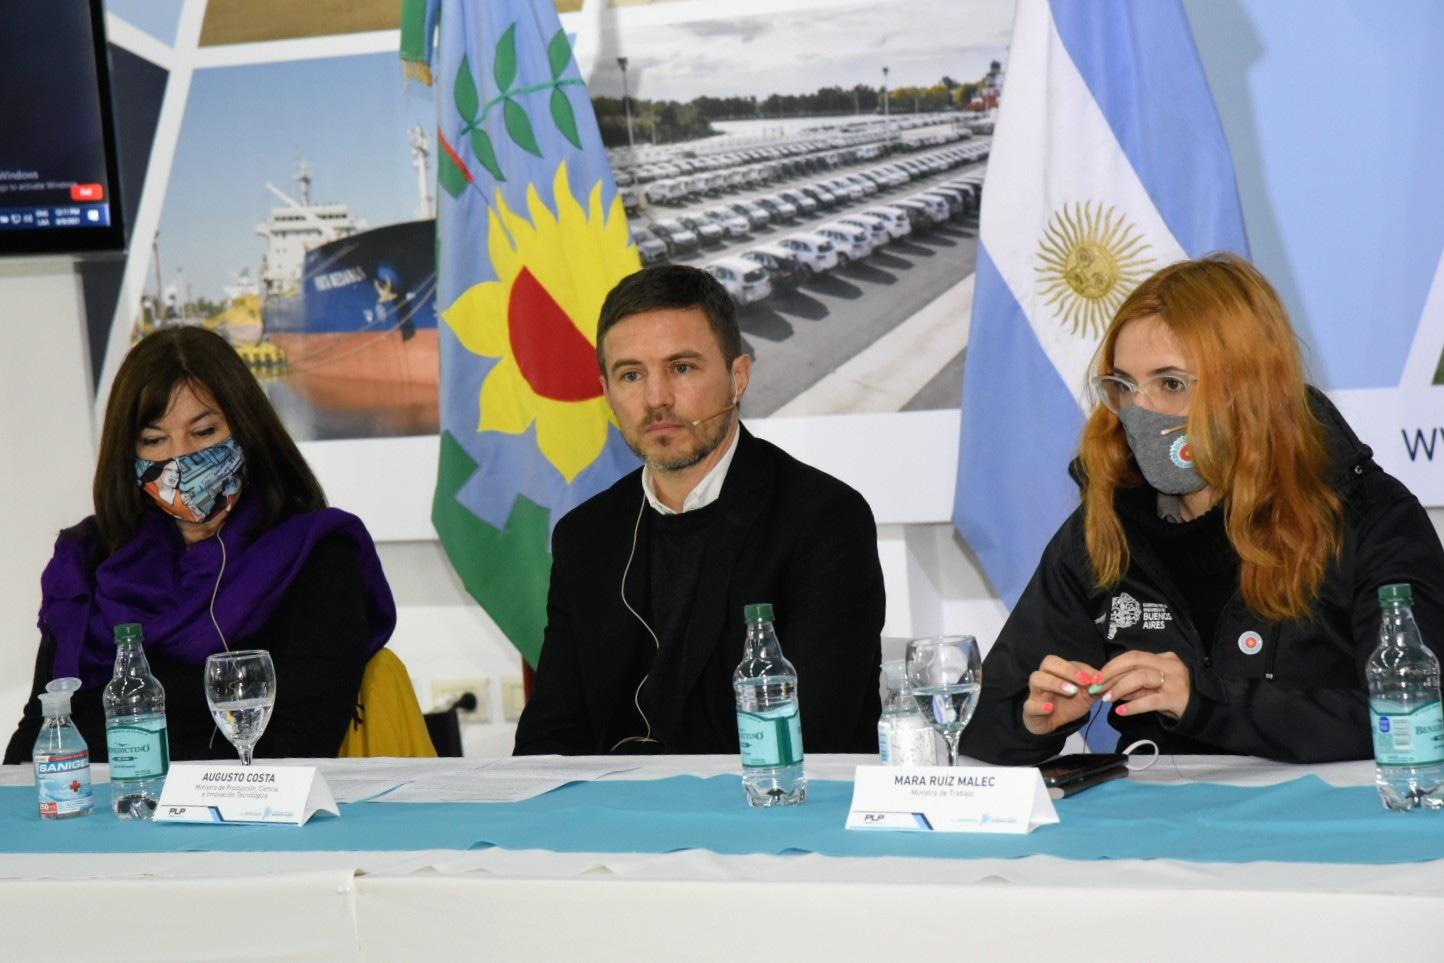 La provincia de Buenos Aires presentó el primer relevamiento de géneros en el ámbito portuario